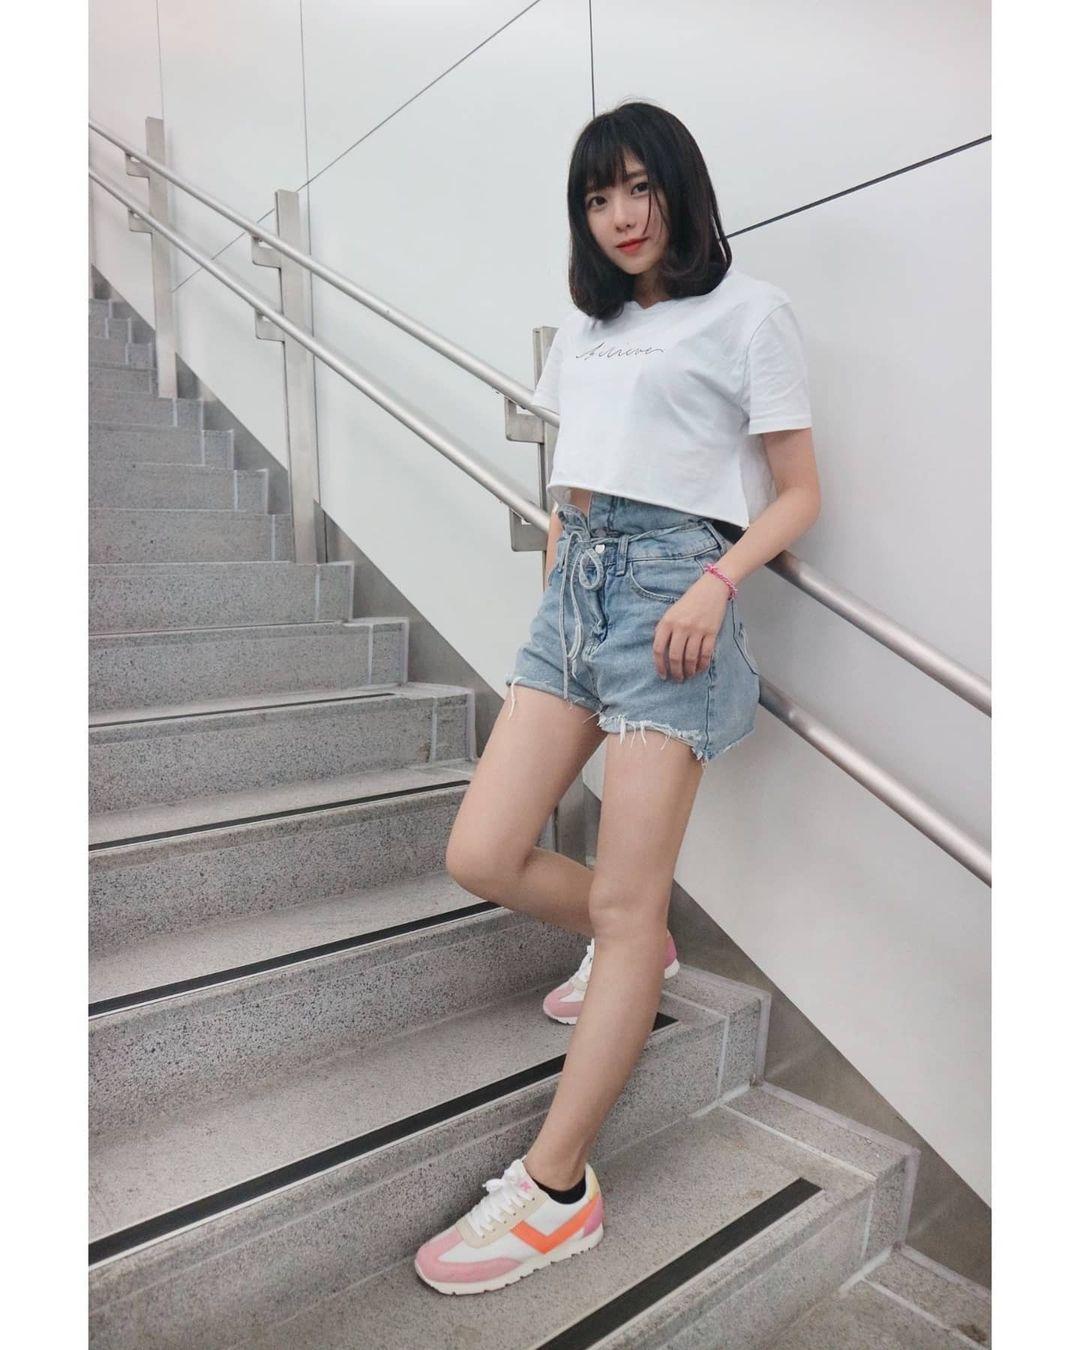 清大电机女神「阿倪」甜美神颜值让人恋爱,白皙美腿超迷人!-新图包